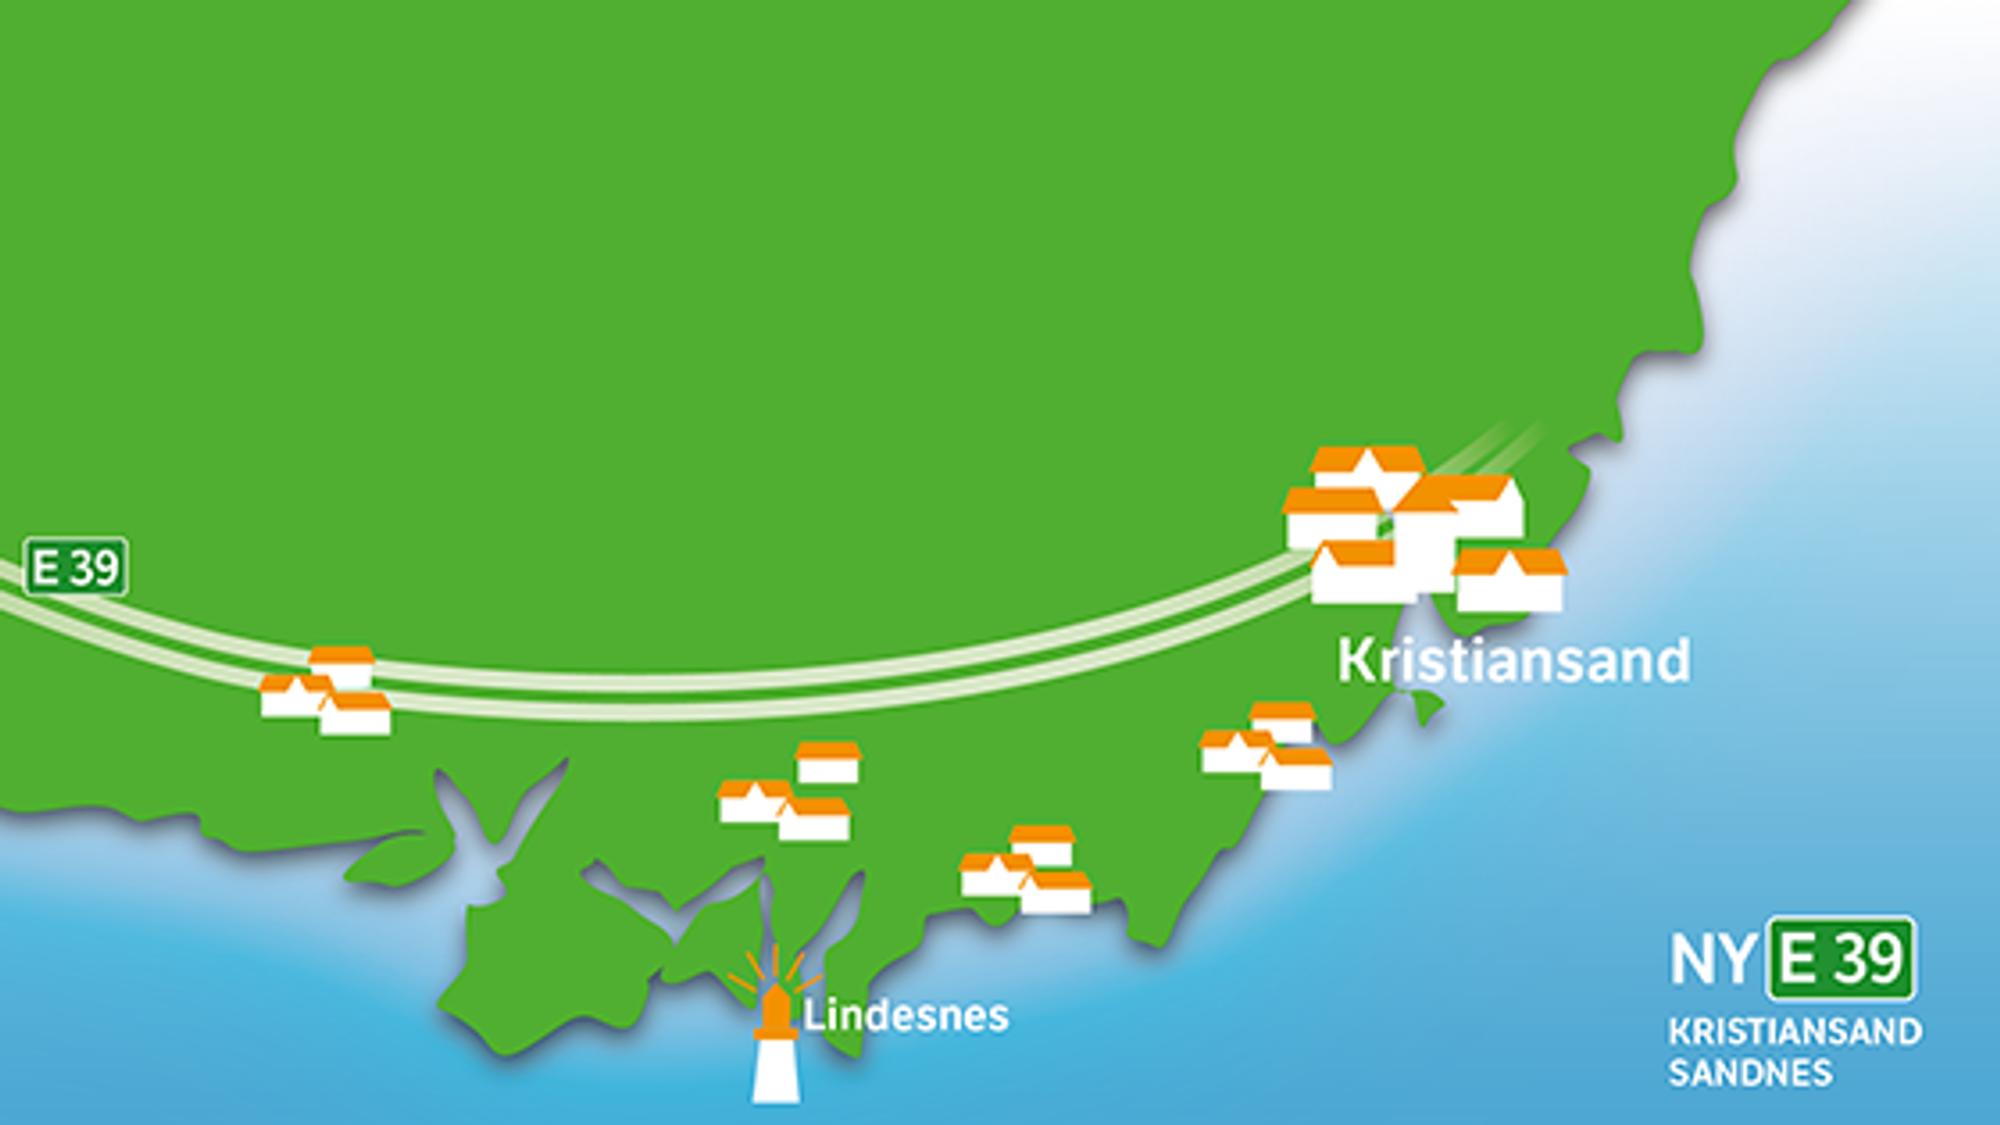 E 39 mellom Lyngdal og Kristiansand blir firefelts motorvei, med fartsgrense på 110 km/t.